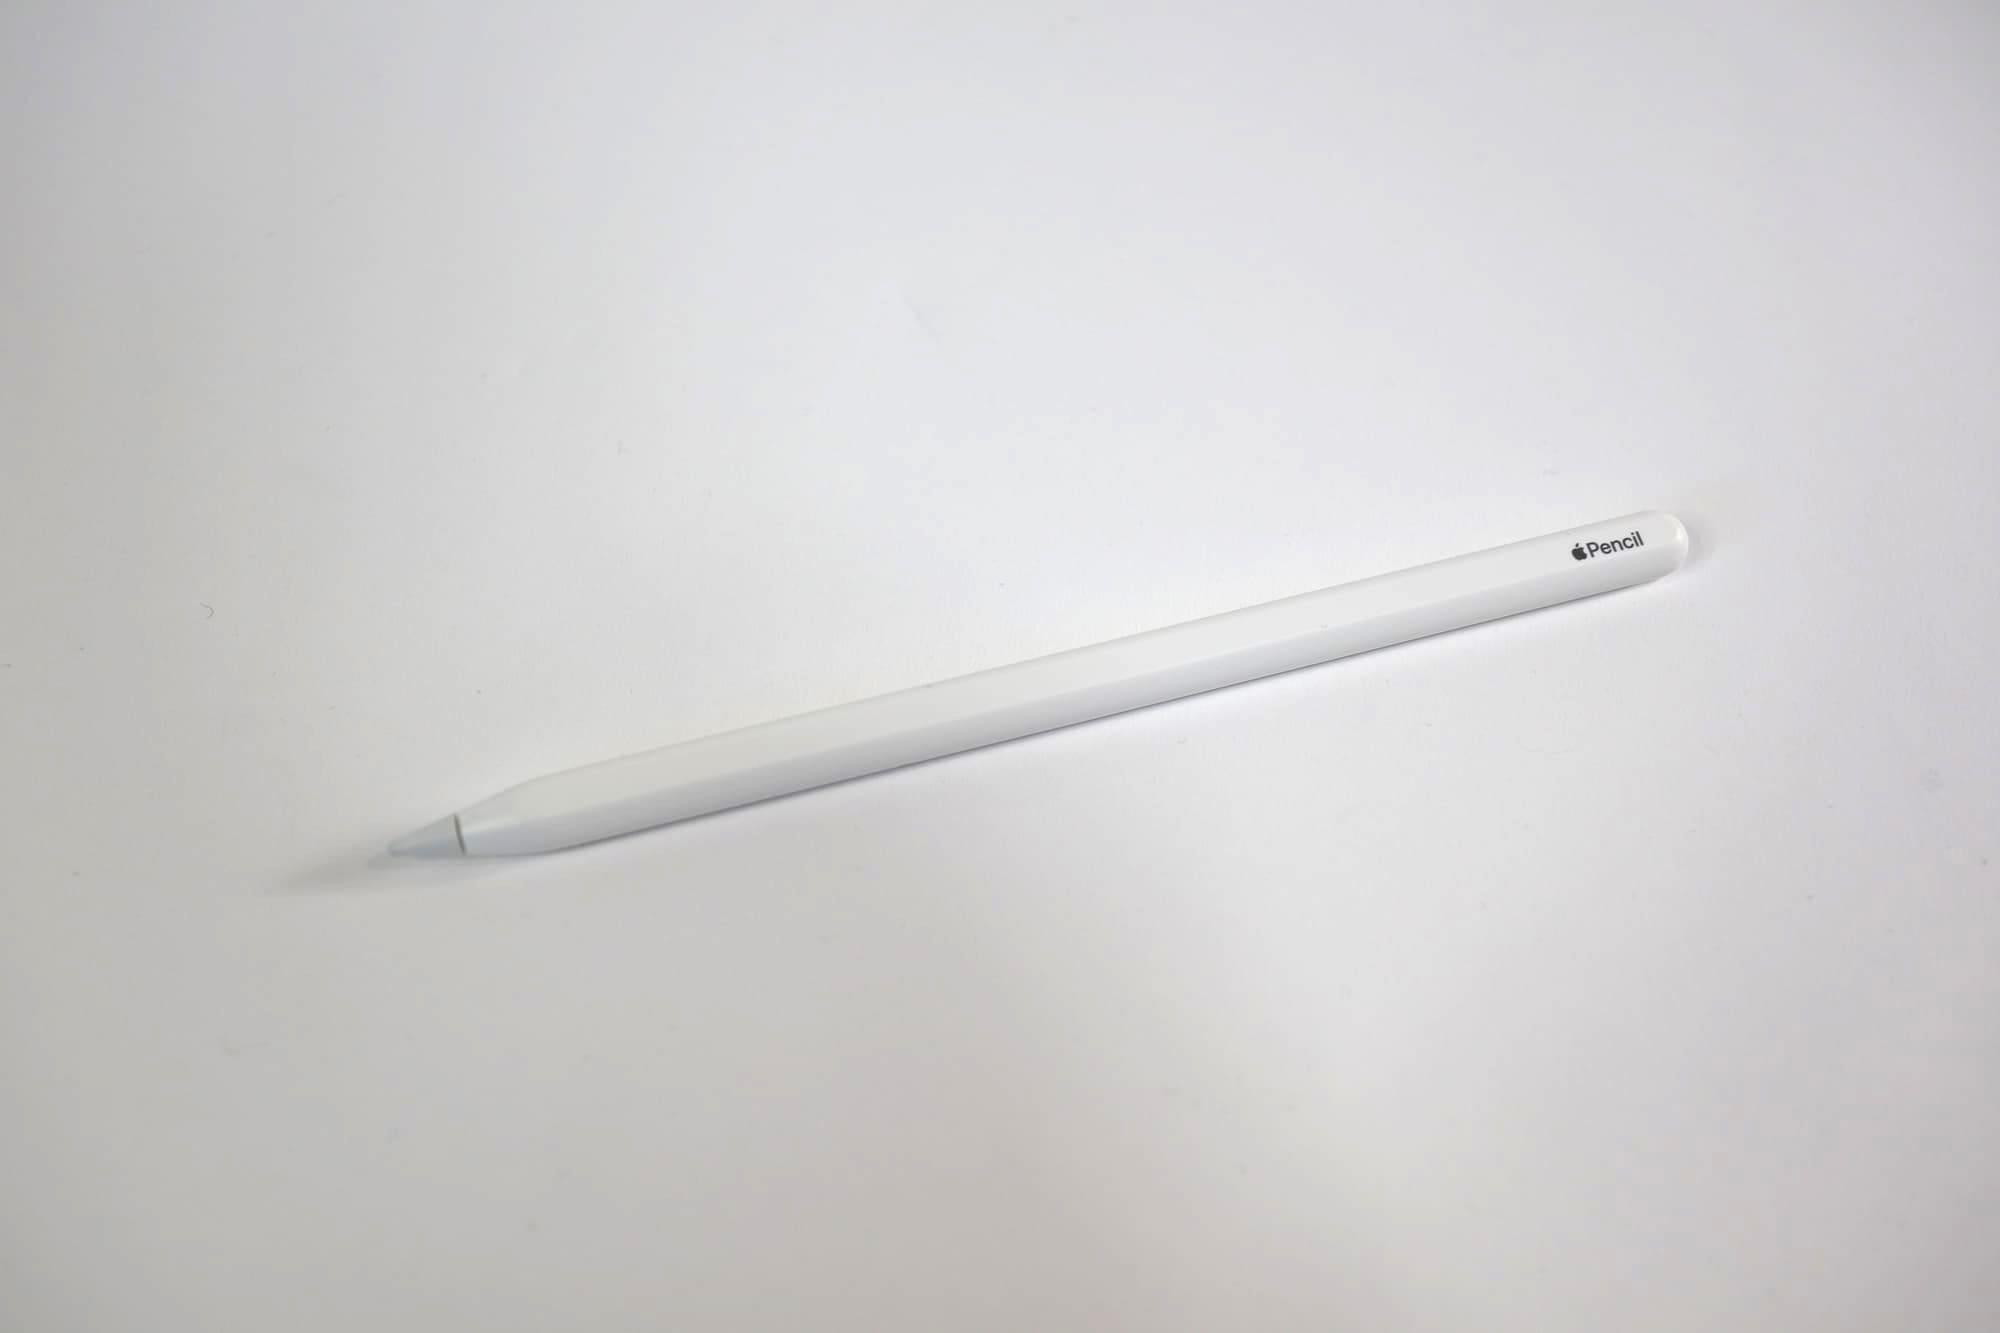 Apple Pencilの平らな部分